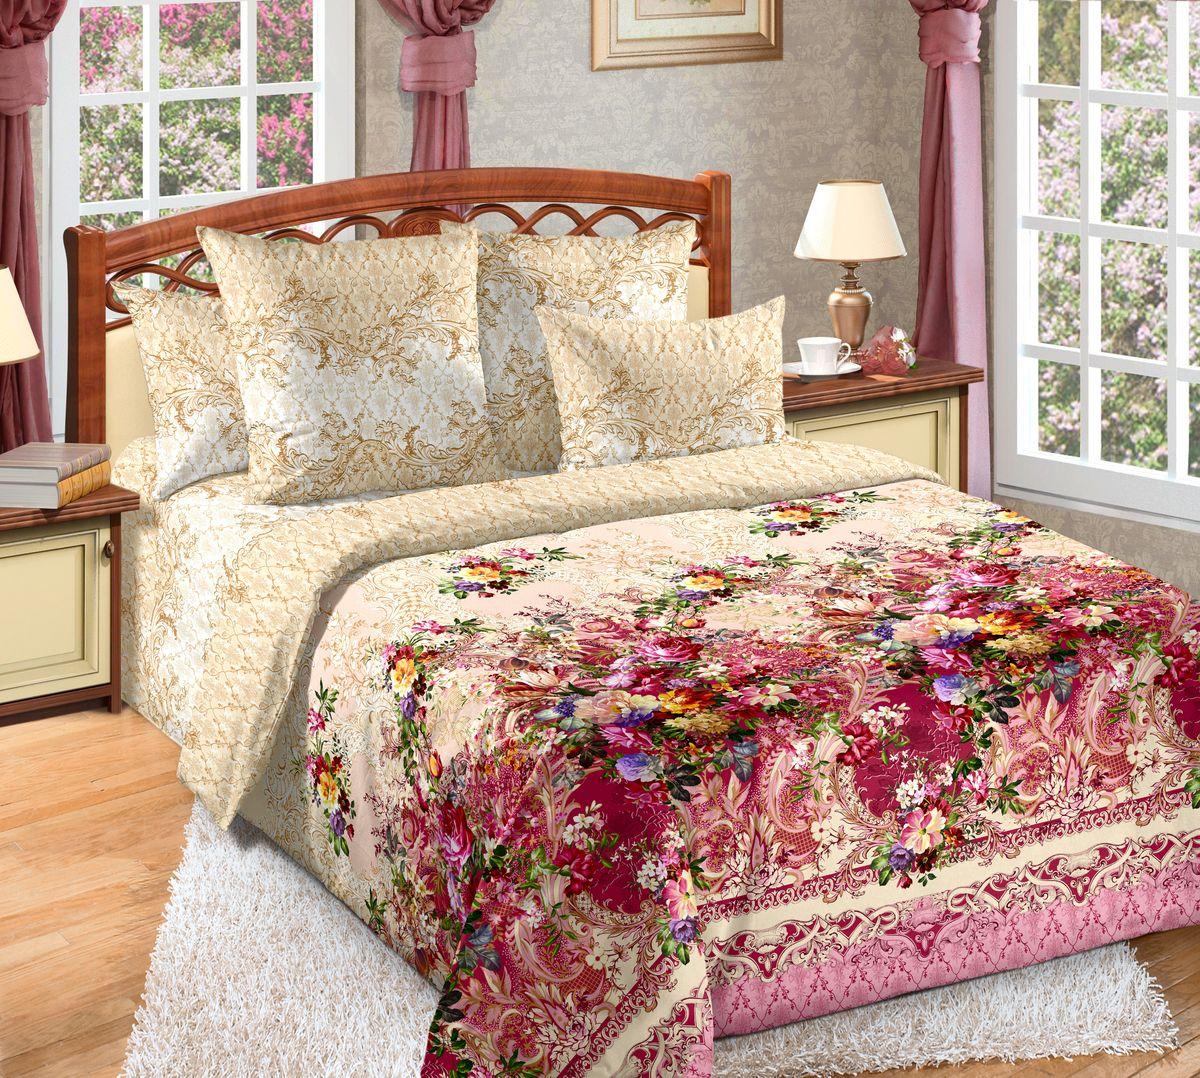 Комплект белья Текс-Дизайн Чары, 2-спальный, наволочки 70х70, цвет: бежевый, белый, бордовый391602Великолепное постельное белье Текс-Дизайн Чары изготовлено из высококачественного перкаля (100% хлопок) и украшено изящным, эксклюзивным рисунком. Комплект состоит из пододеяльника, простыни и двух наволочек. Перкаль - это тонкая и легкая хлопчатобумажная ткань высокой плотности полотняного переплетения, сотканная из пряжи высоких номеров. При изготовлении перкаля используются длинноволокнистые сорта хлопка, что обеспечивает высокие потребительские свойства материала. Несмотря на свою утонченность, перкаль очень практичен - это одна из самых износостойких тканей для постельного белья.